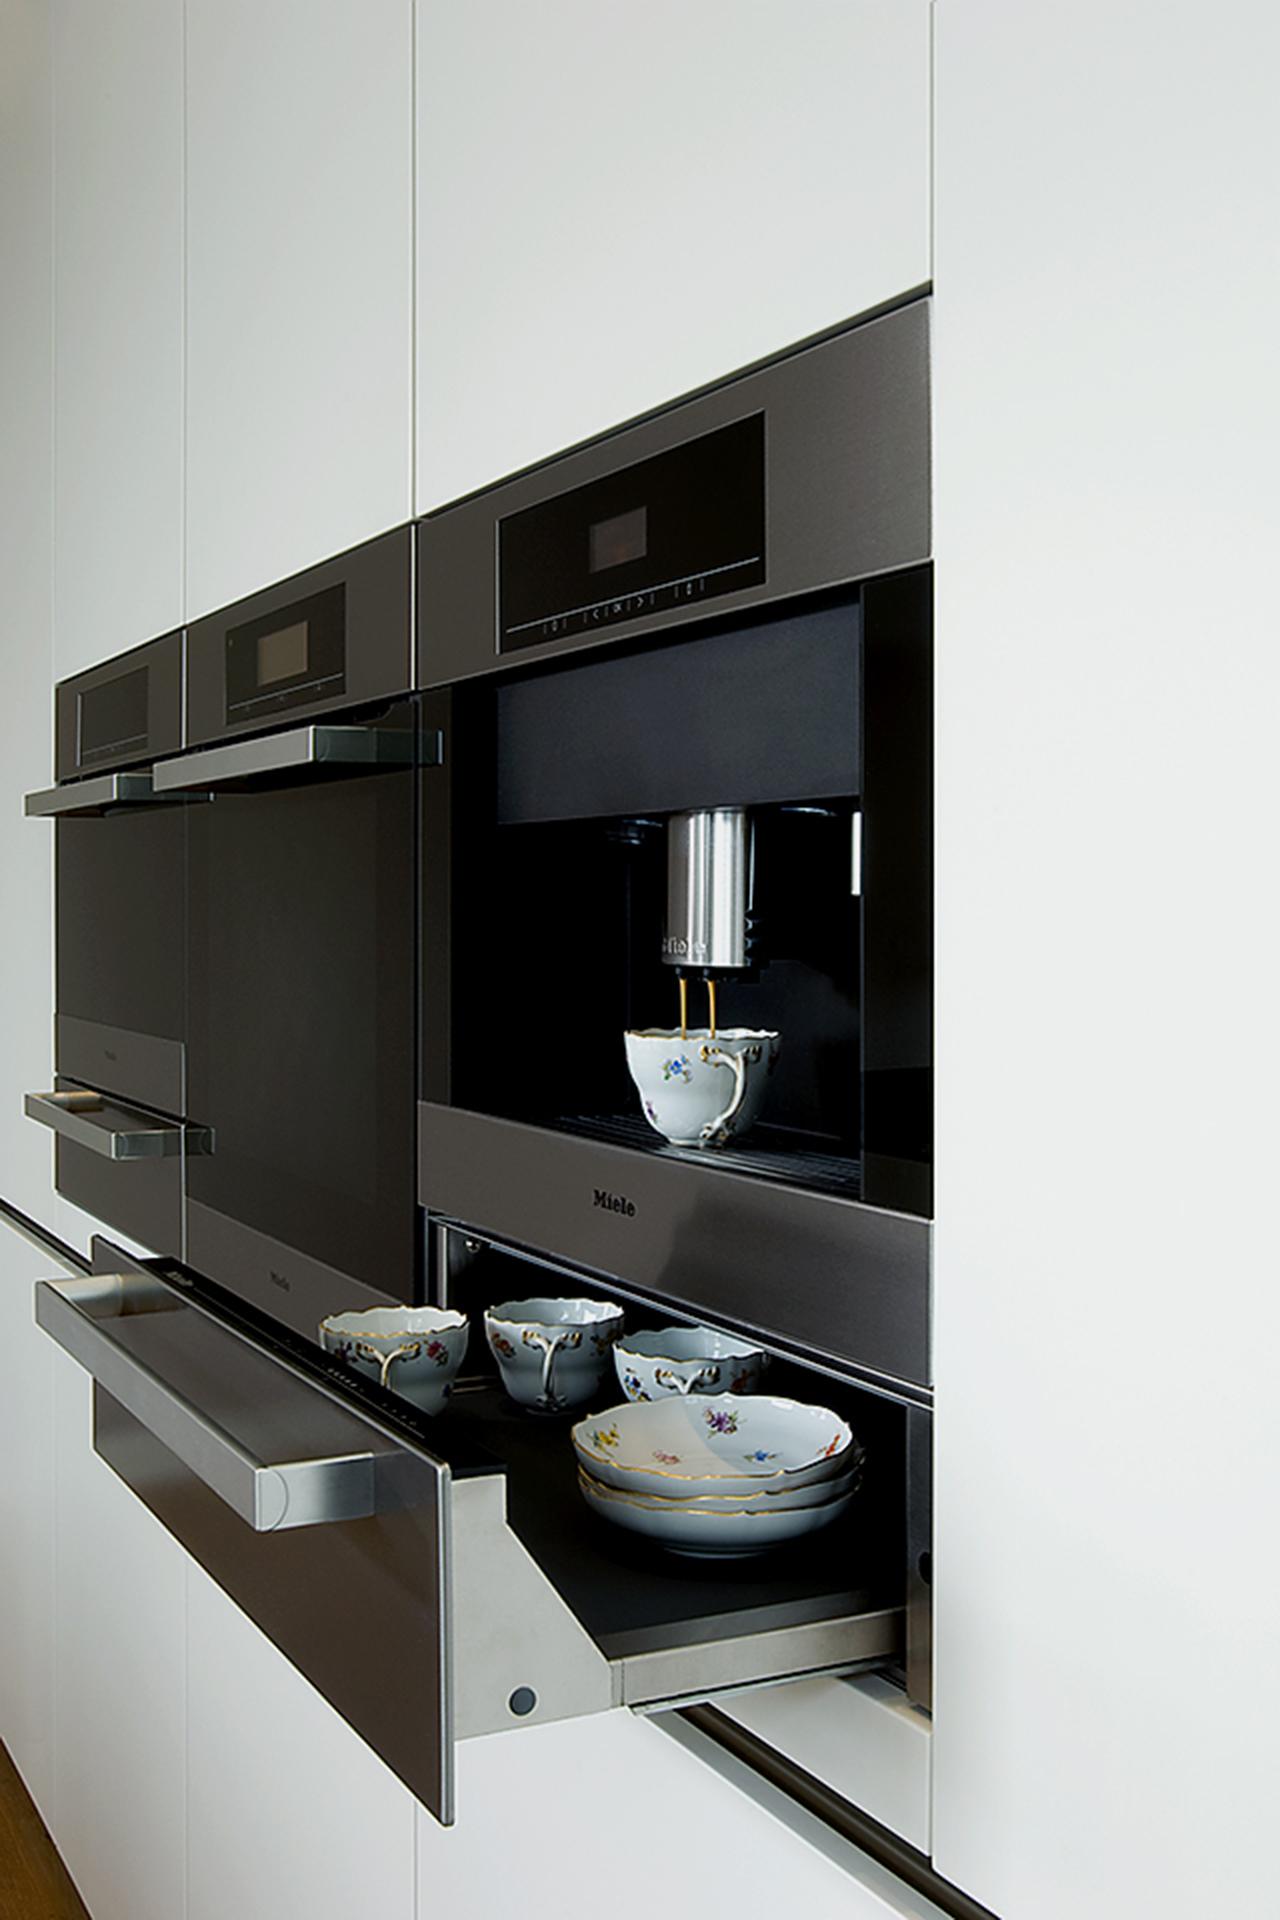 Design Küche, Luxus, Interieur, Wärmeschublade, Anna M. Tränkner Fotografie, Hamburg